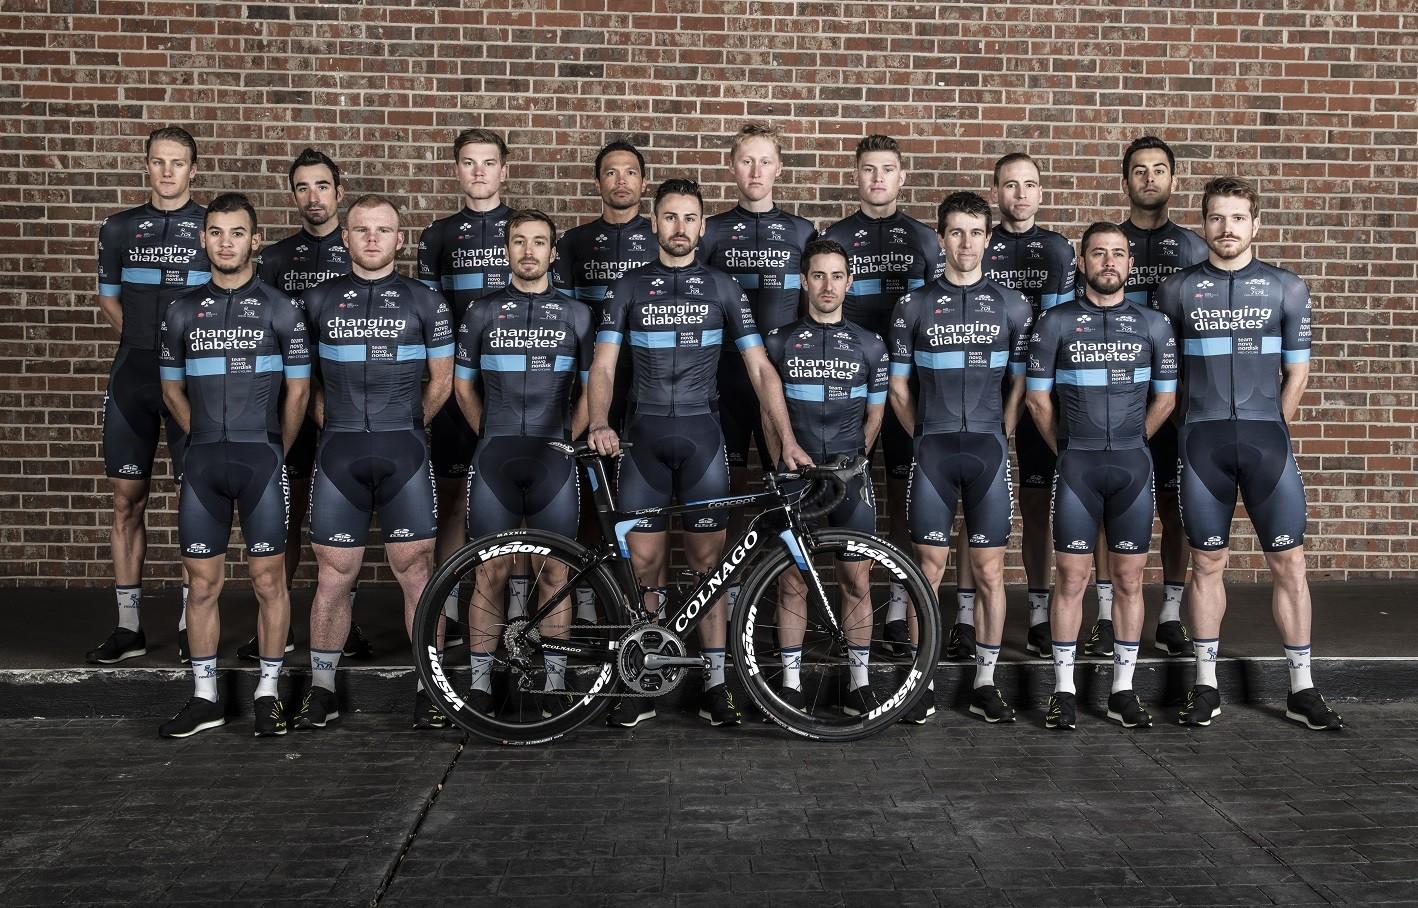 Cukorbeteg versenyzőkből álló csapat is teker a Tour de Hongrie-n